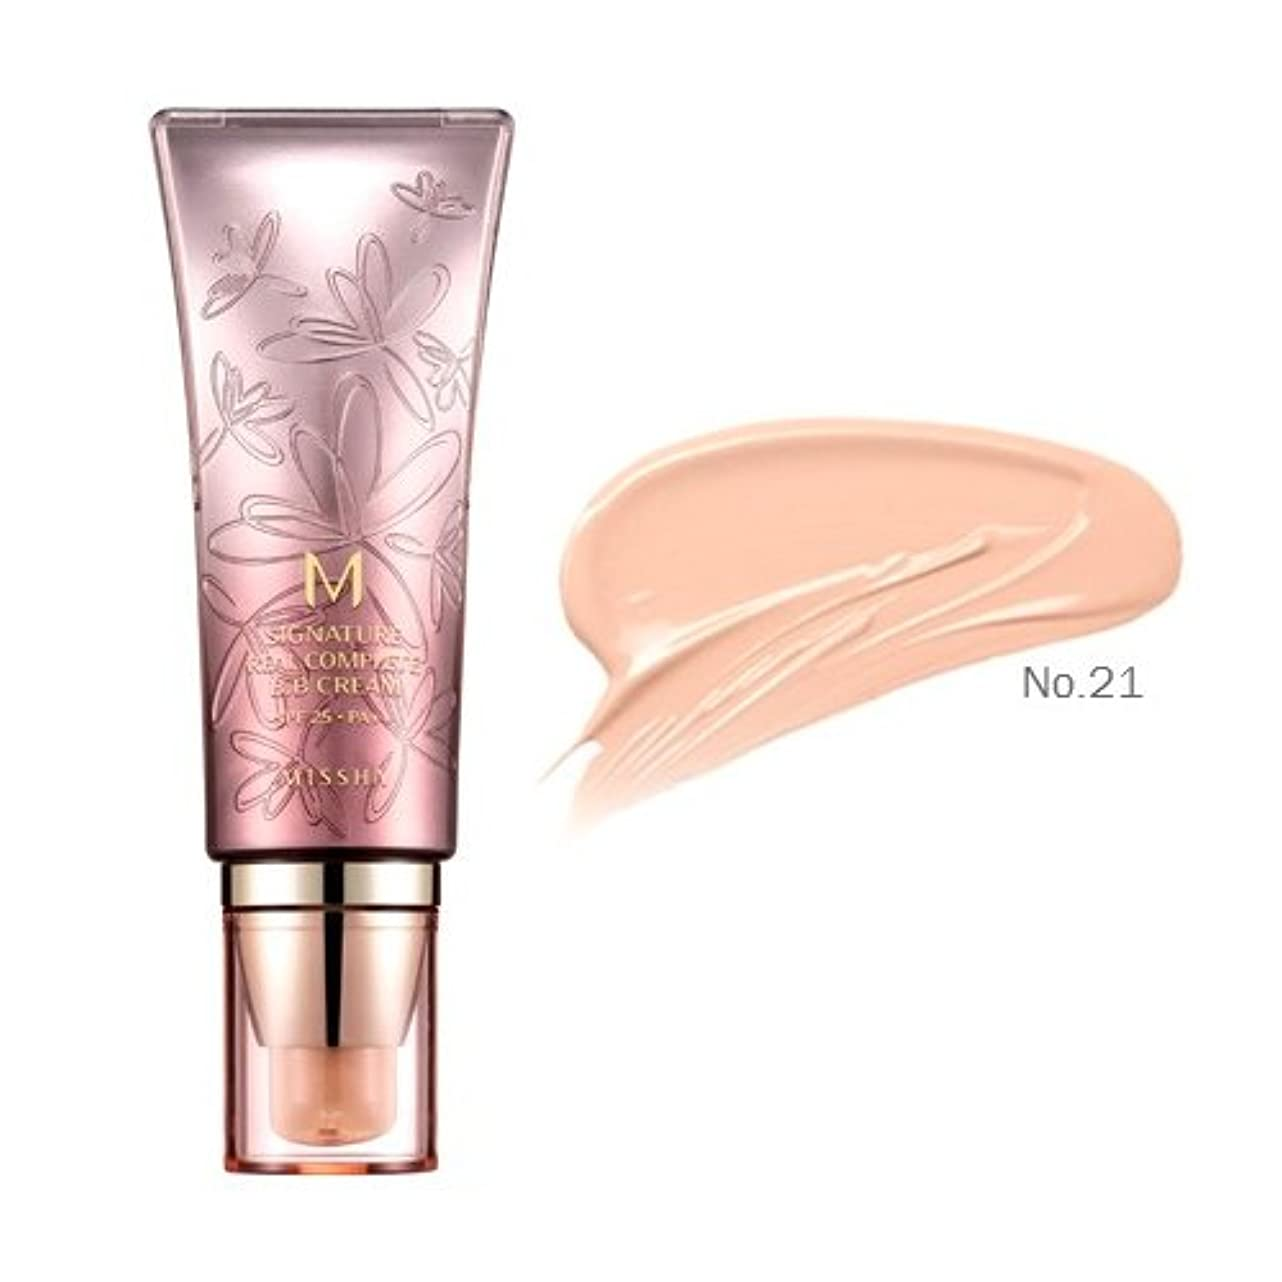 敵対的ラウンジリボン(6 Pack) MISSHA M Signature Real Complete B.B Cream SPF 25 PA++ No. 21 Light Pink Beige (並行輸入品)